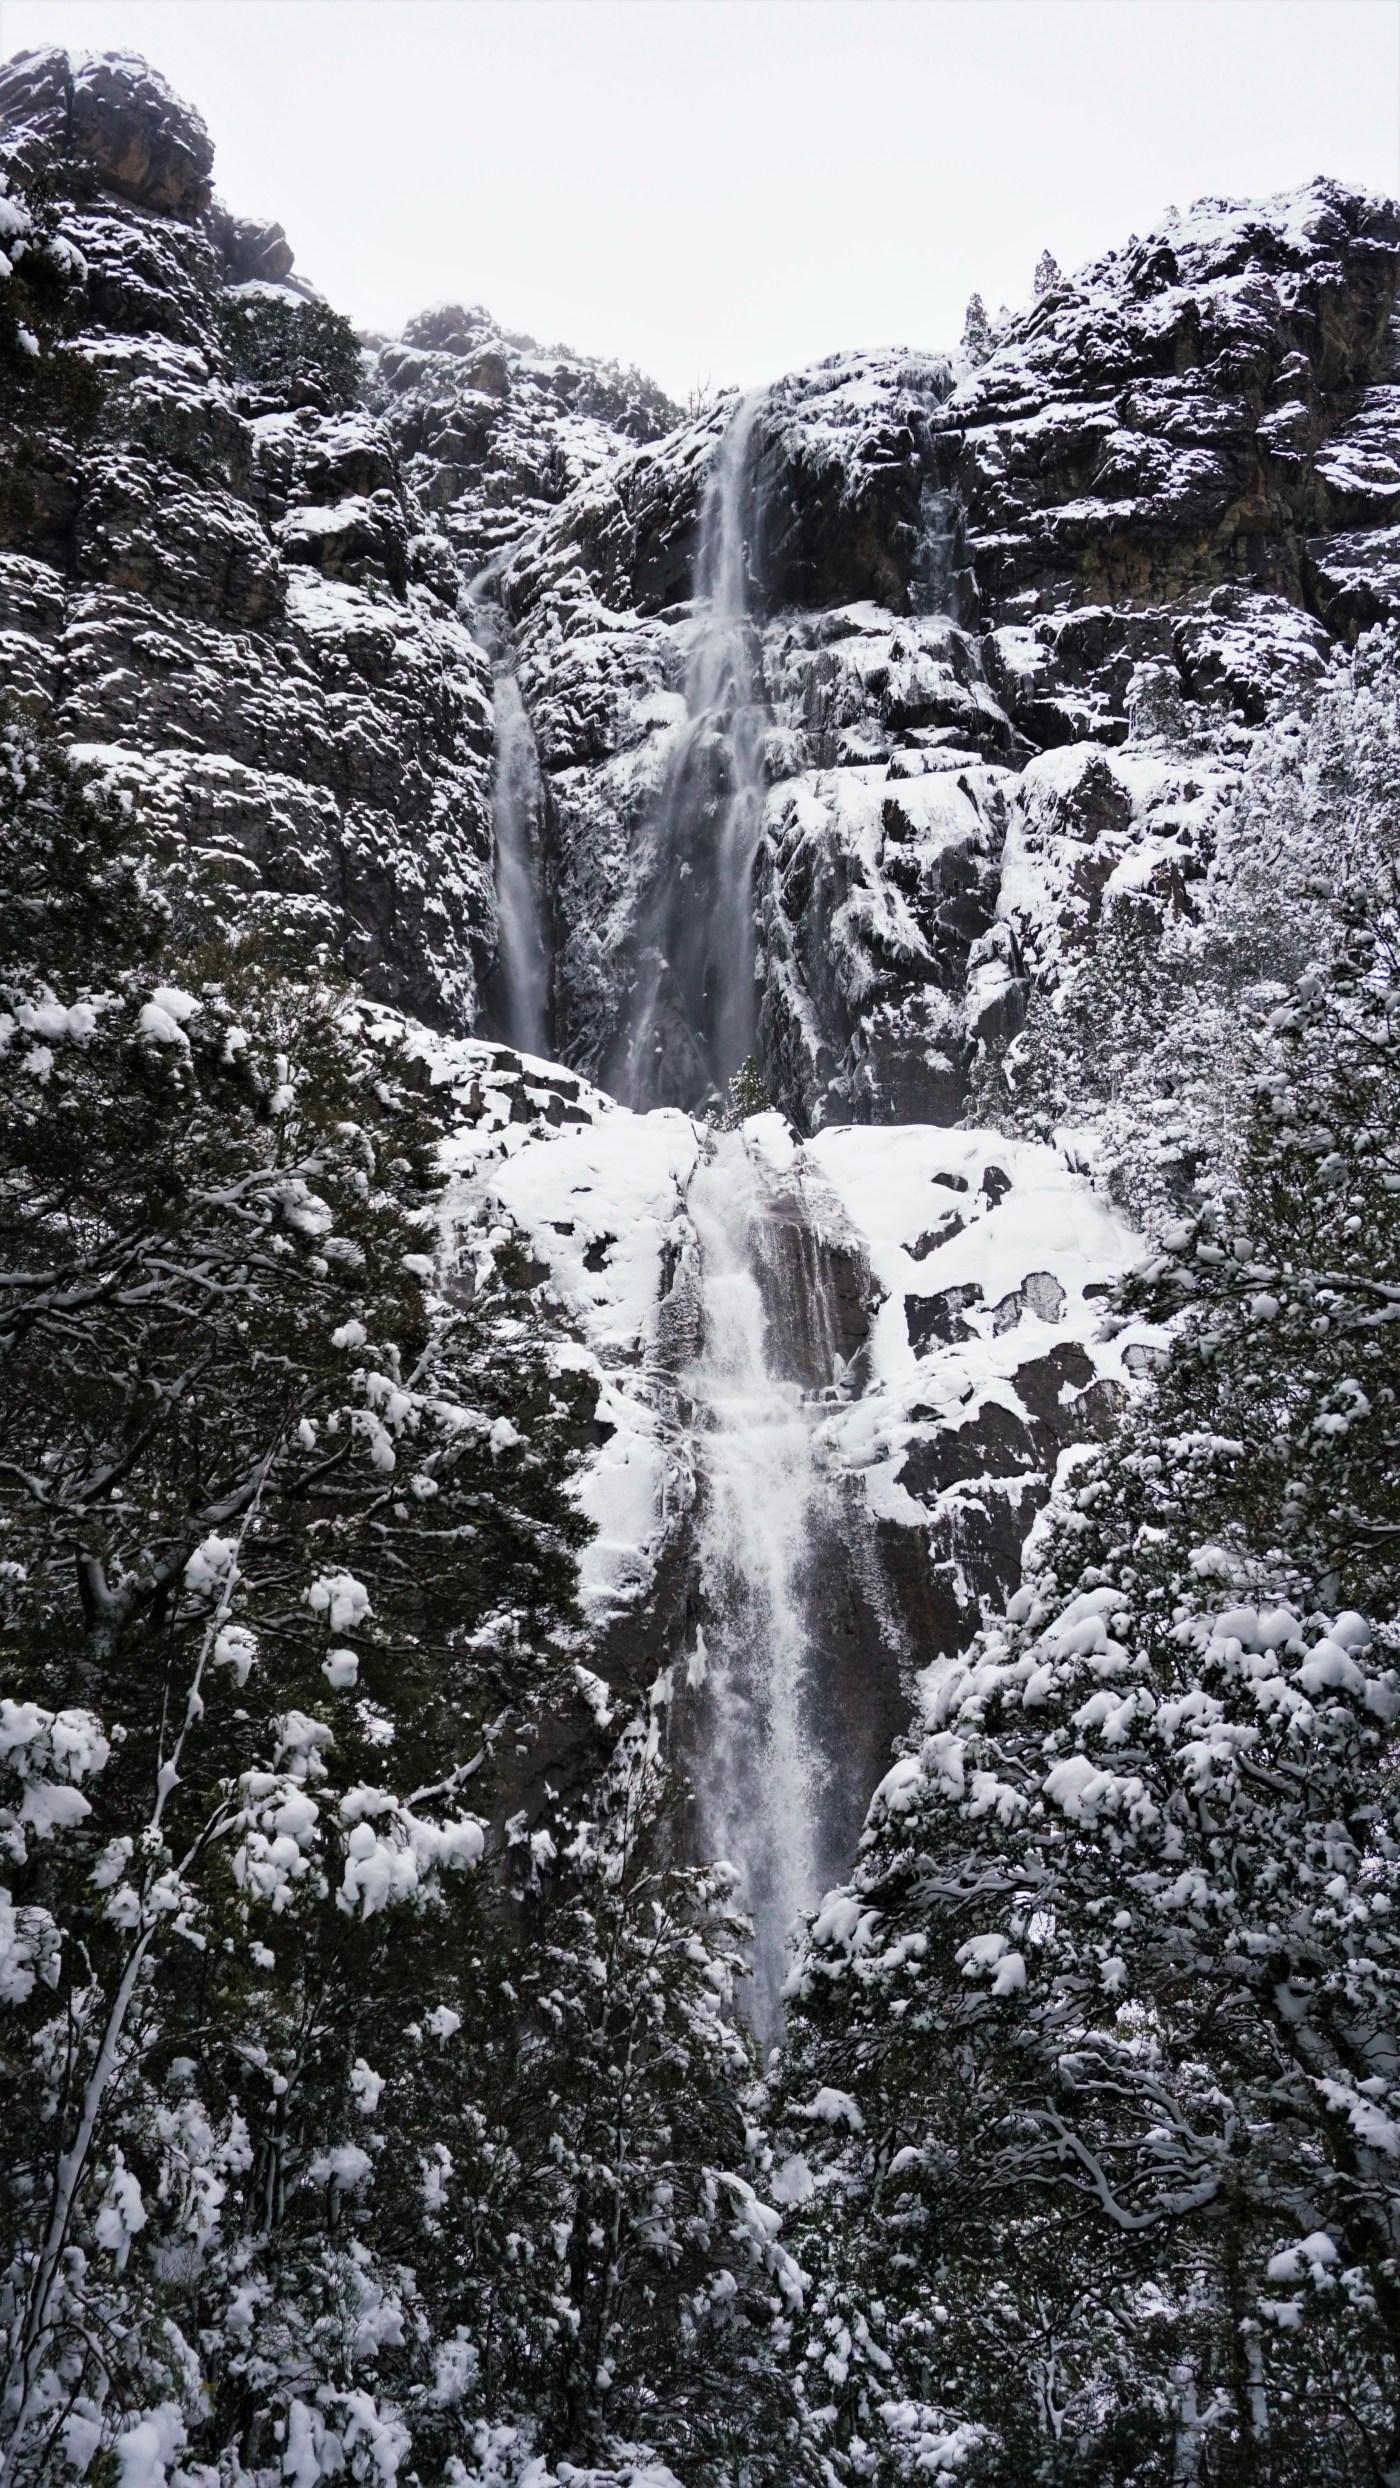 Meander Falls 2 - Meander Falls